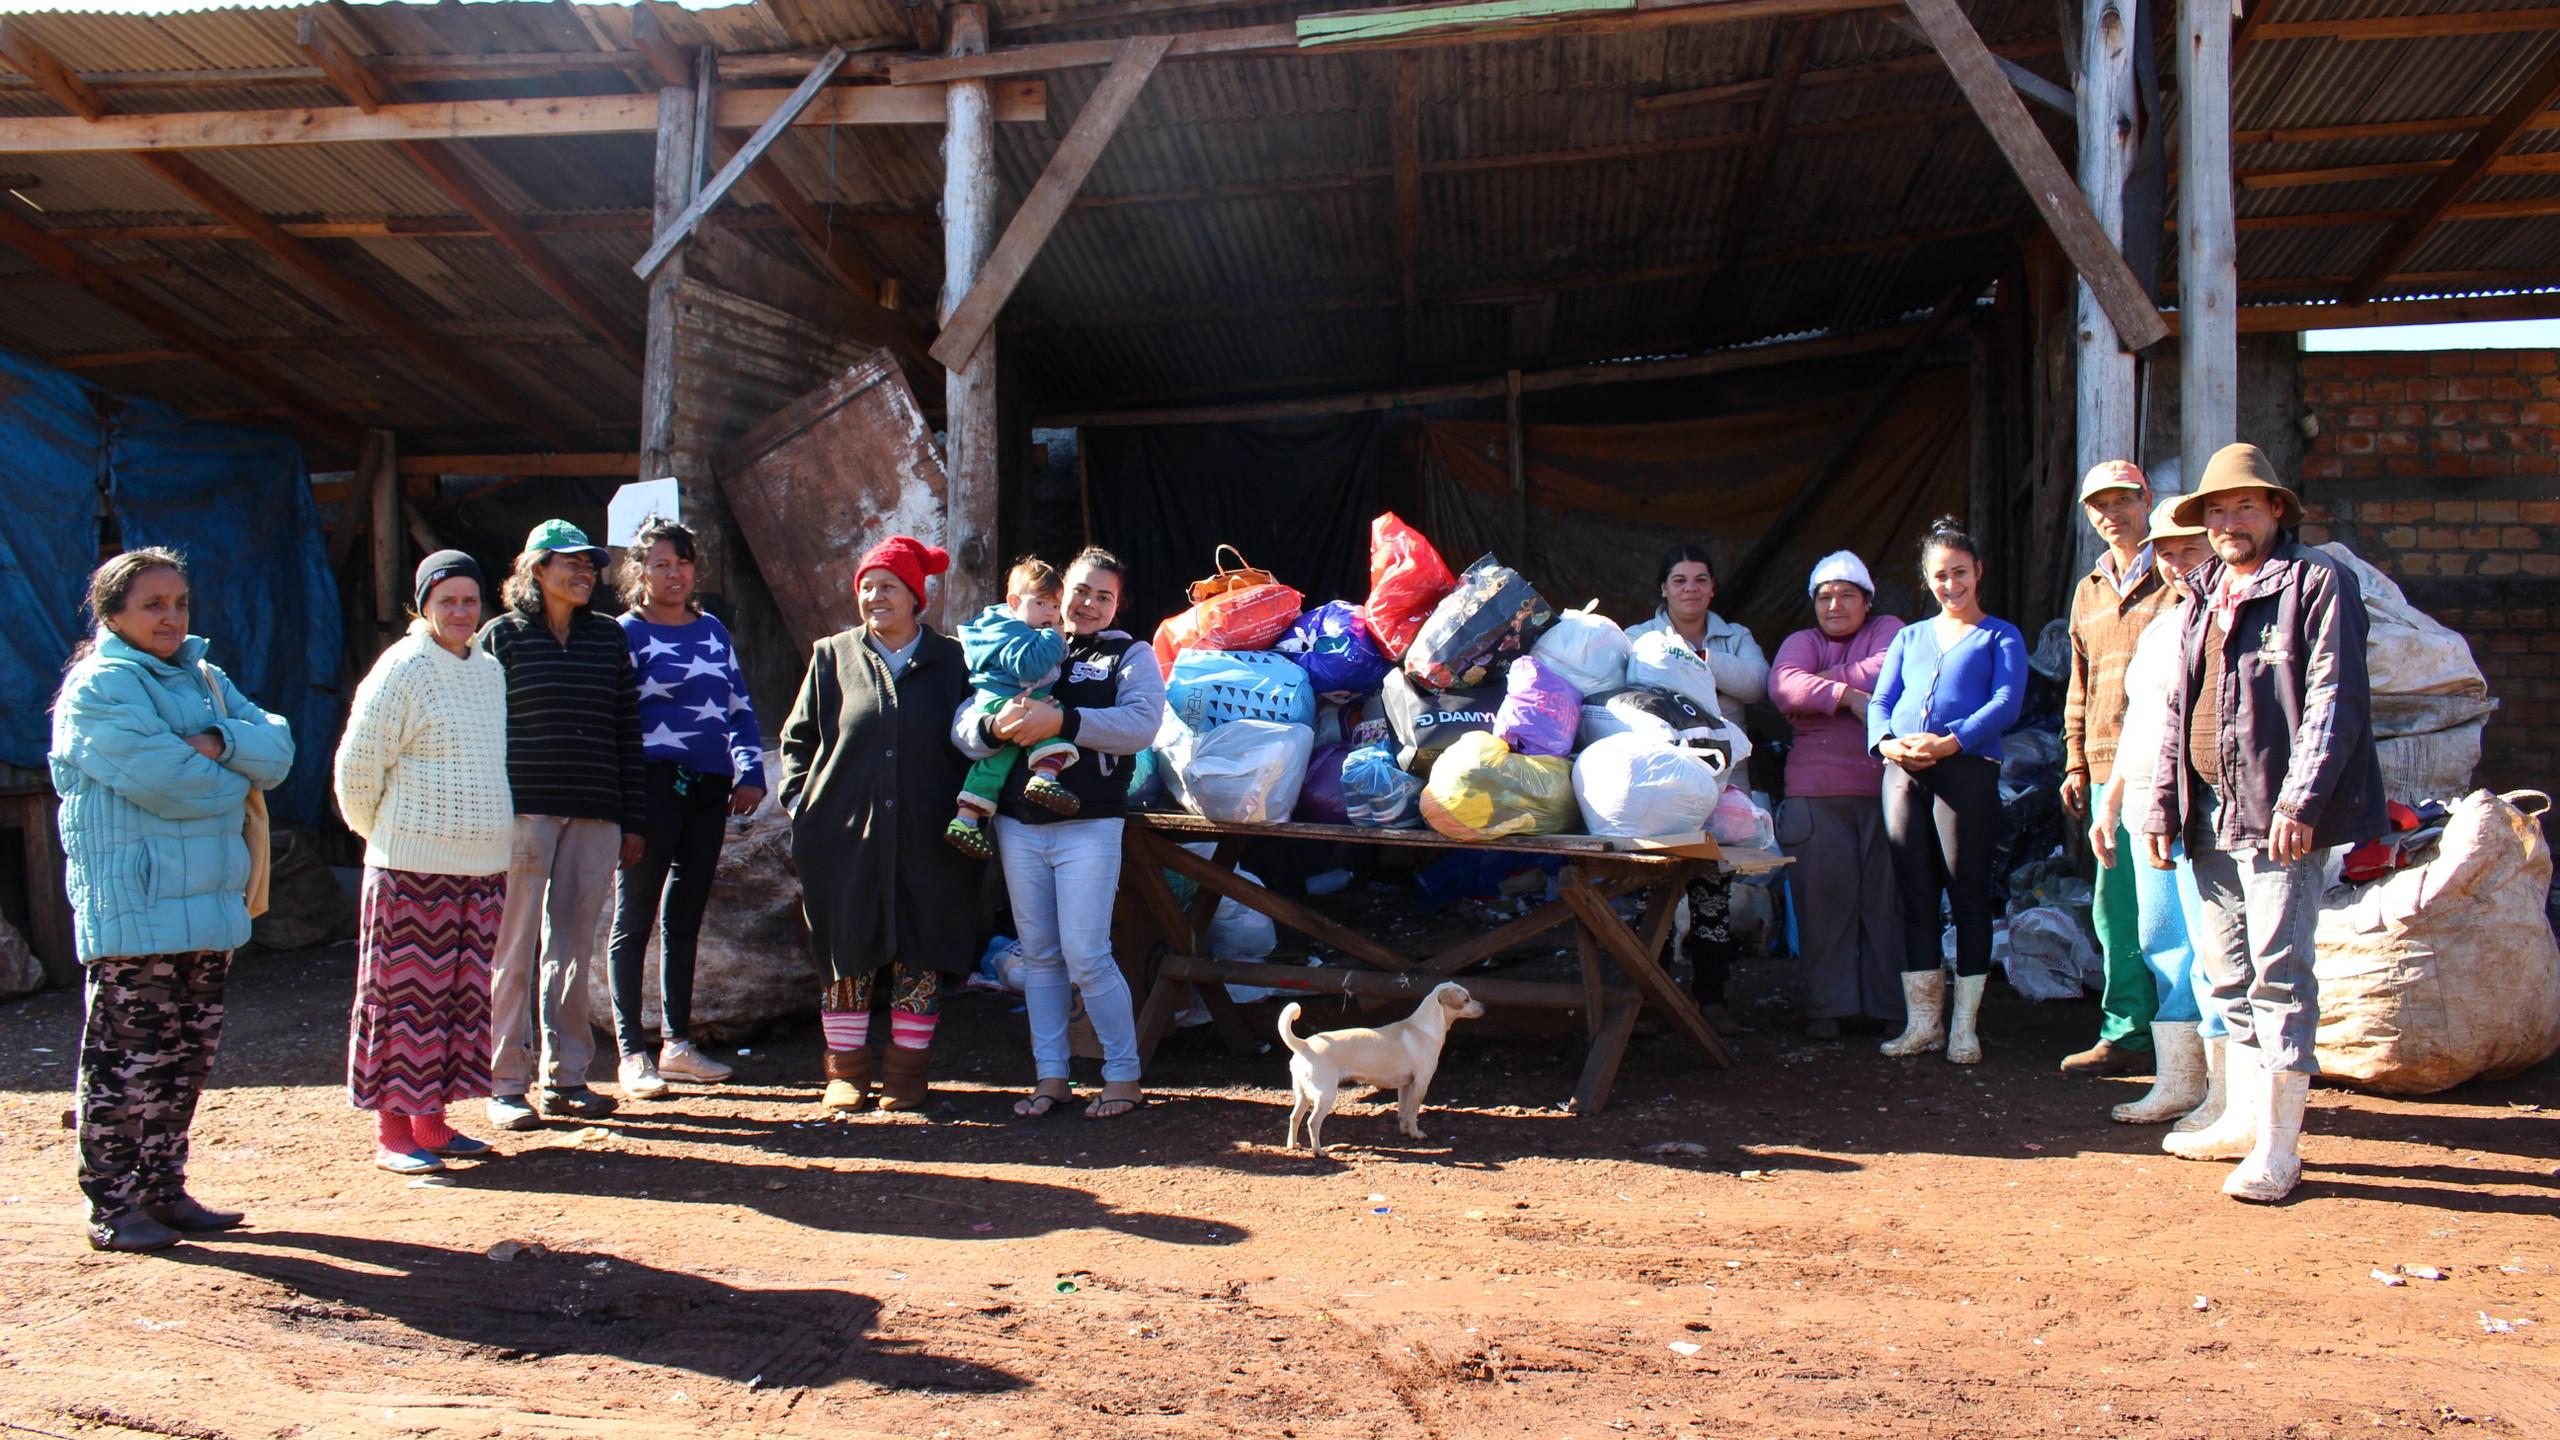 Doação de roupas e calçados para Associação Acram, de Chapecó, no dia 04/07/2019